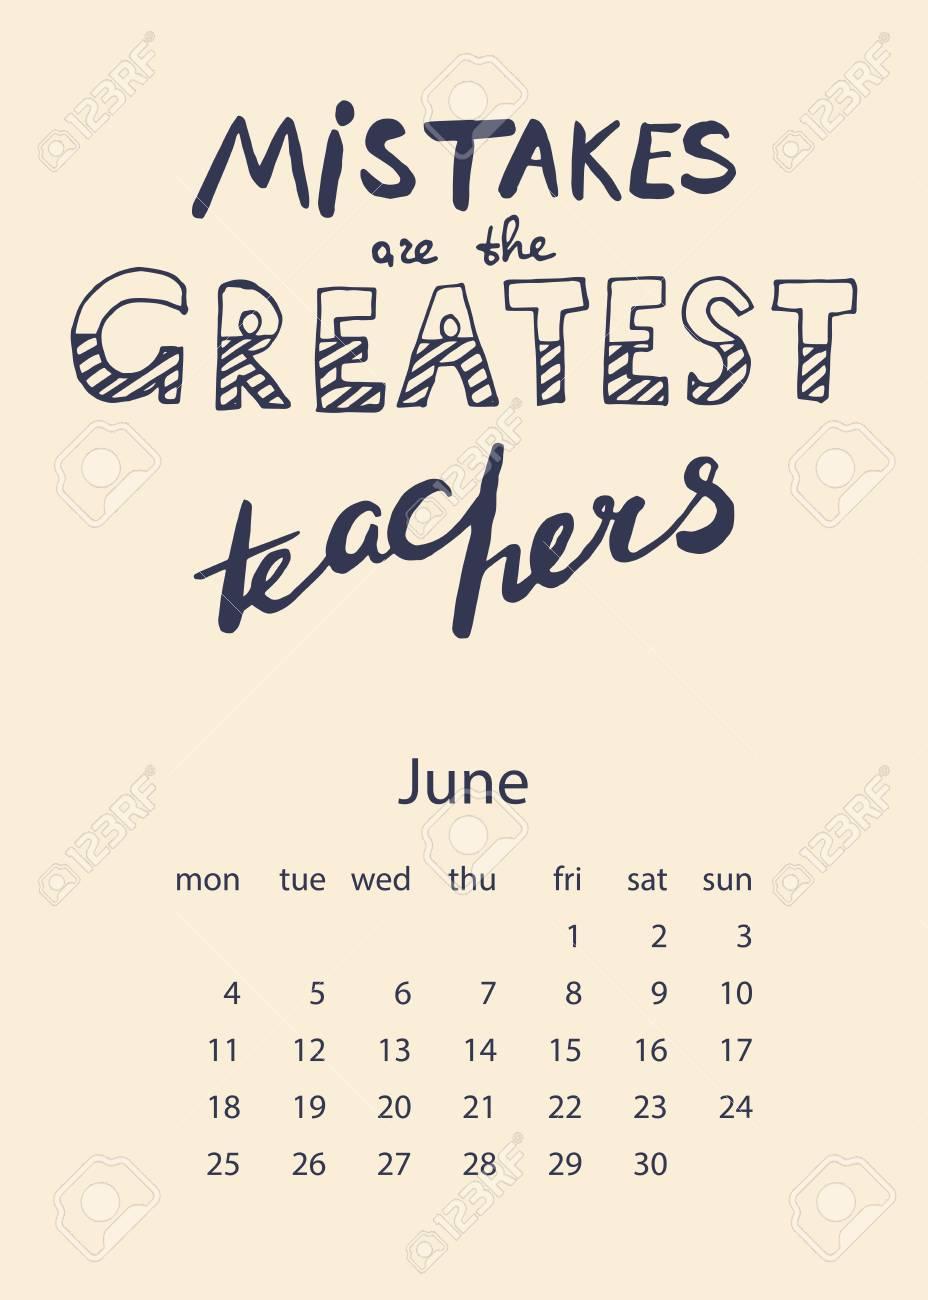 Calendario 2018 Con Letras Motivacionales Para Impresión Decoración Y Diseño Creativo Ilustración Vectorial Los Errores Son Los Mejores Maestros